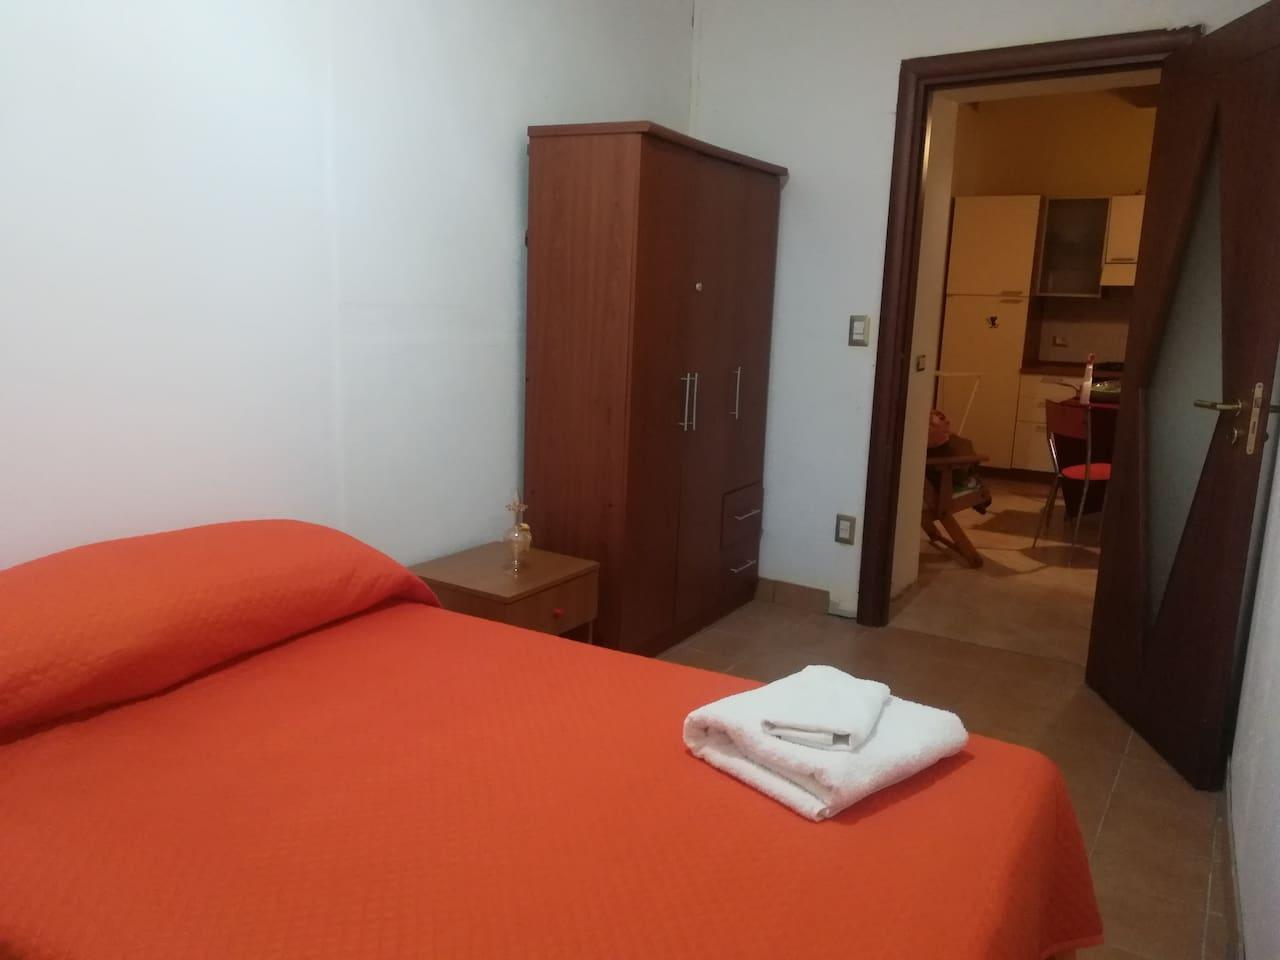 Camera da letto, prima versione